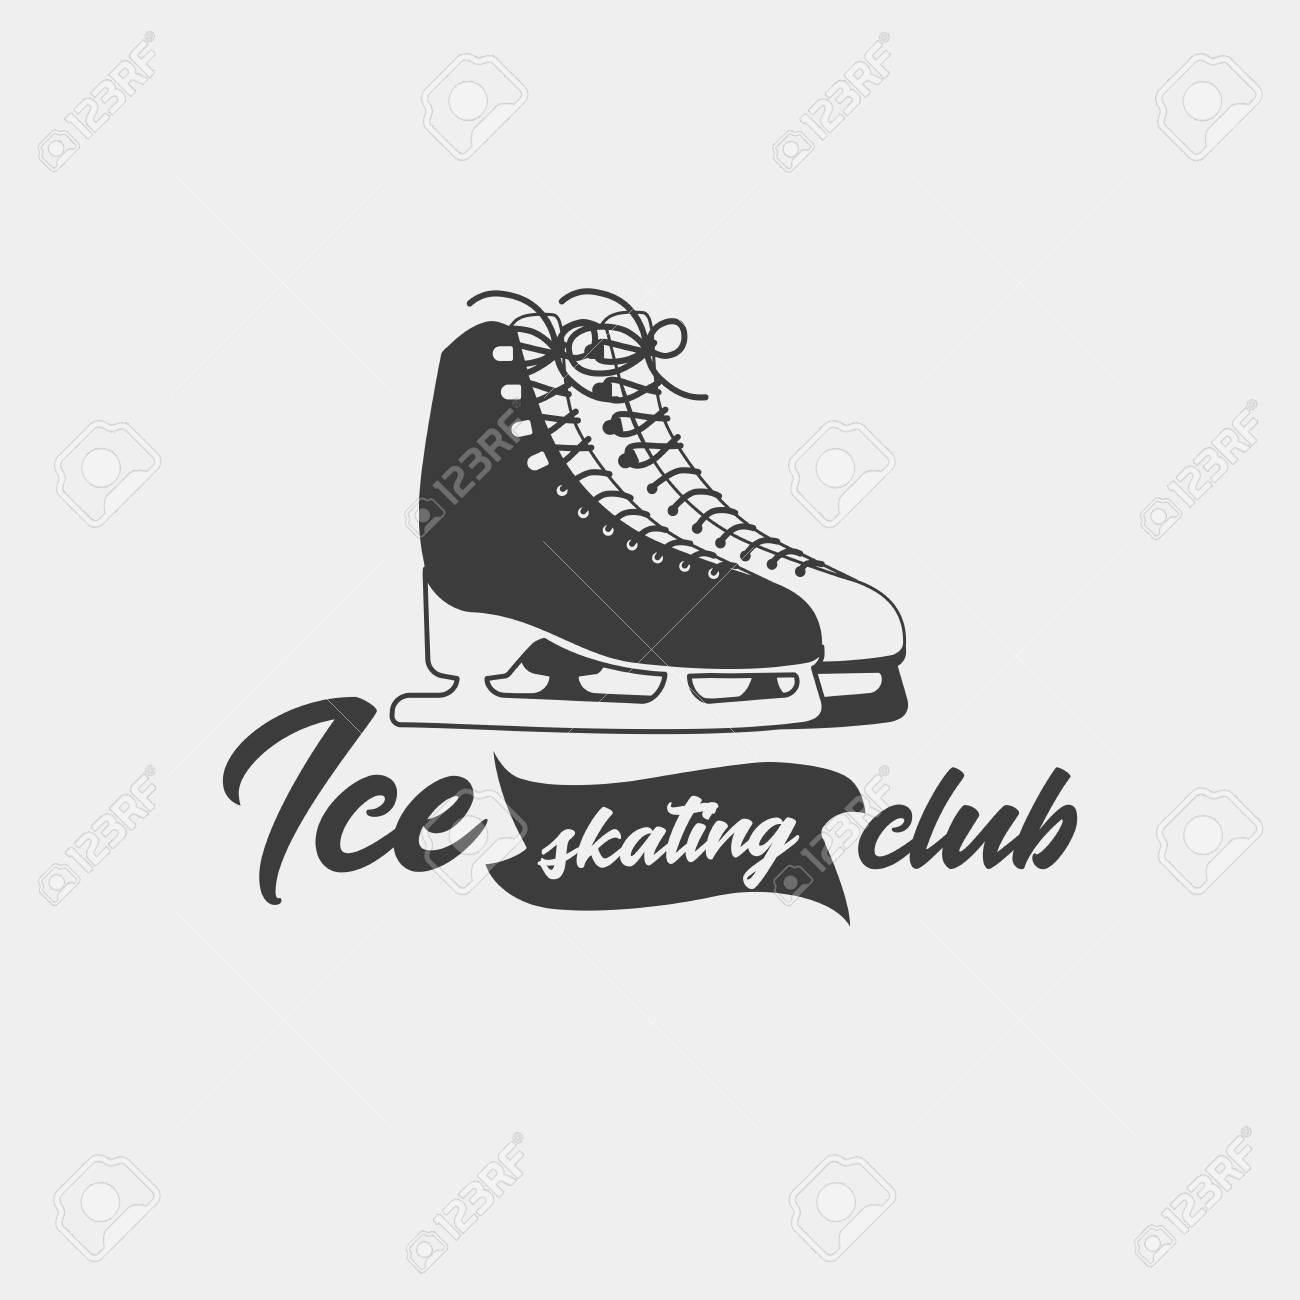 Abzeichen Vorlage Für Eislaufen Club. Einfarbiges Symbol. Dieses ...